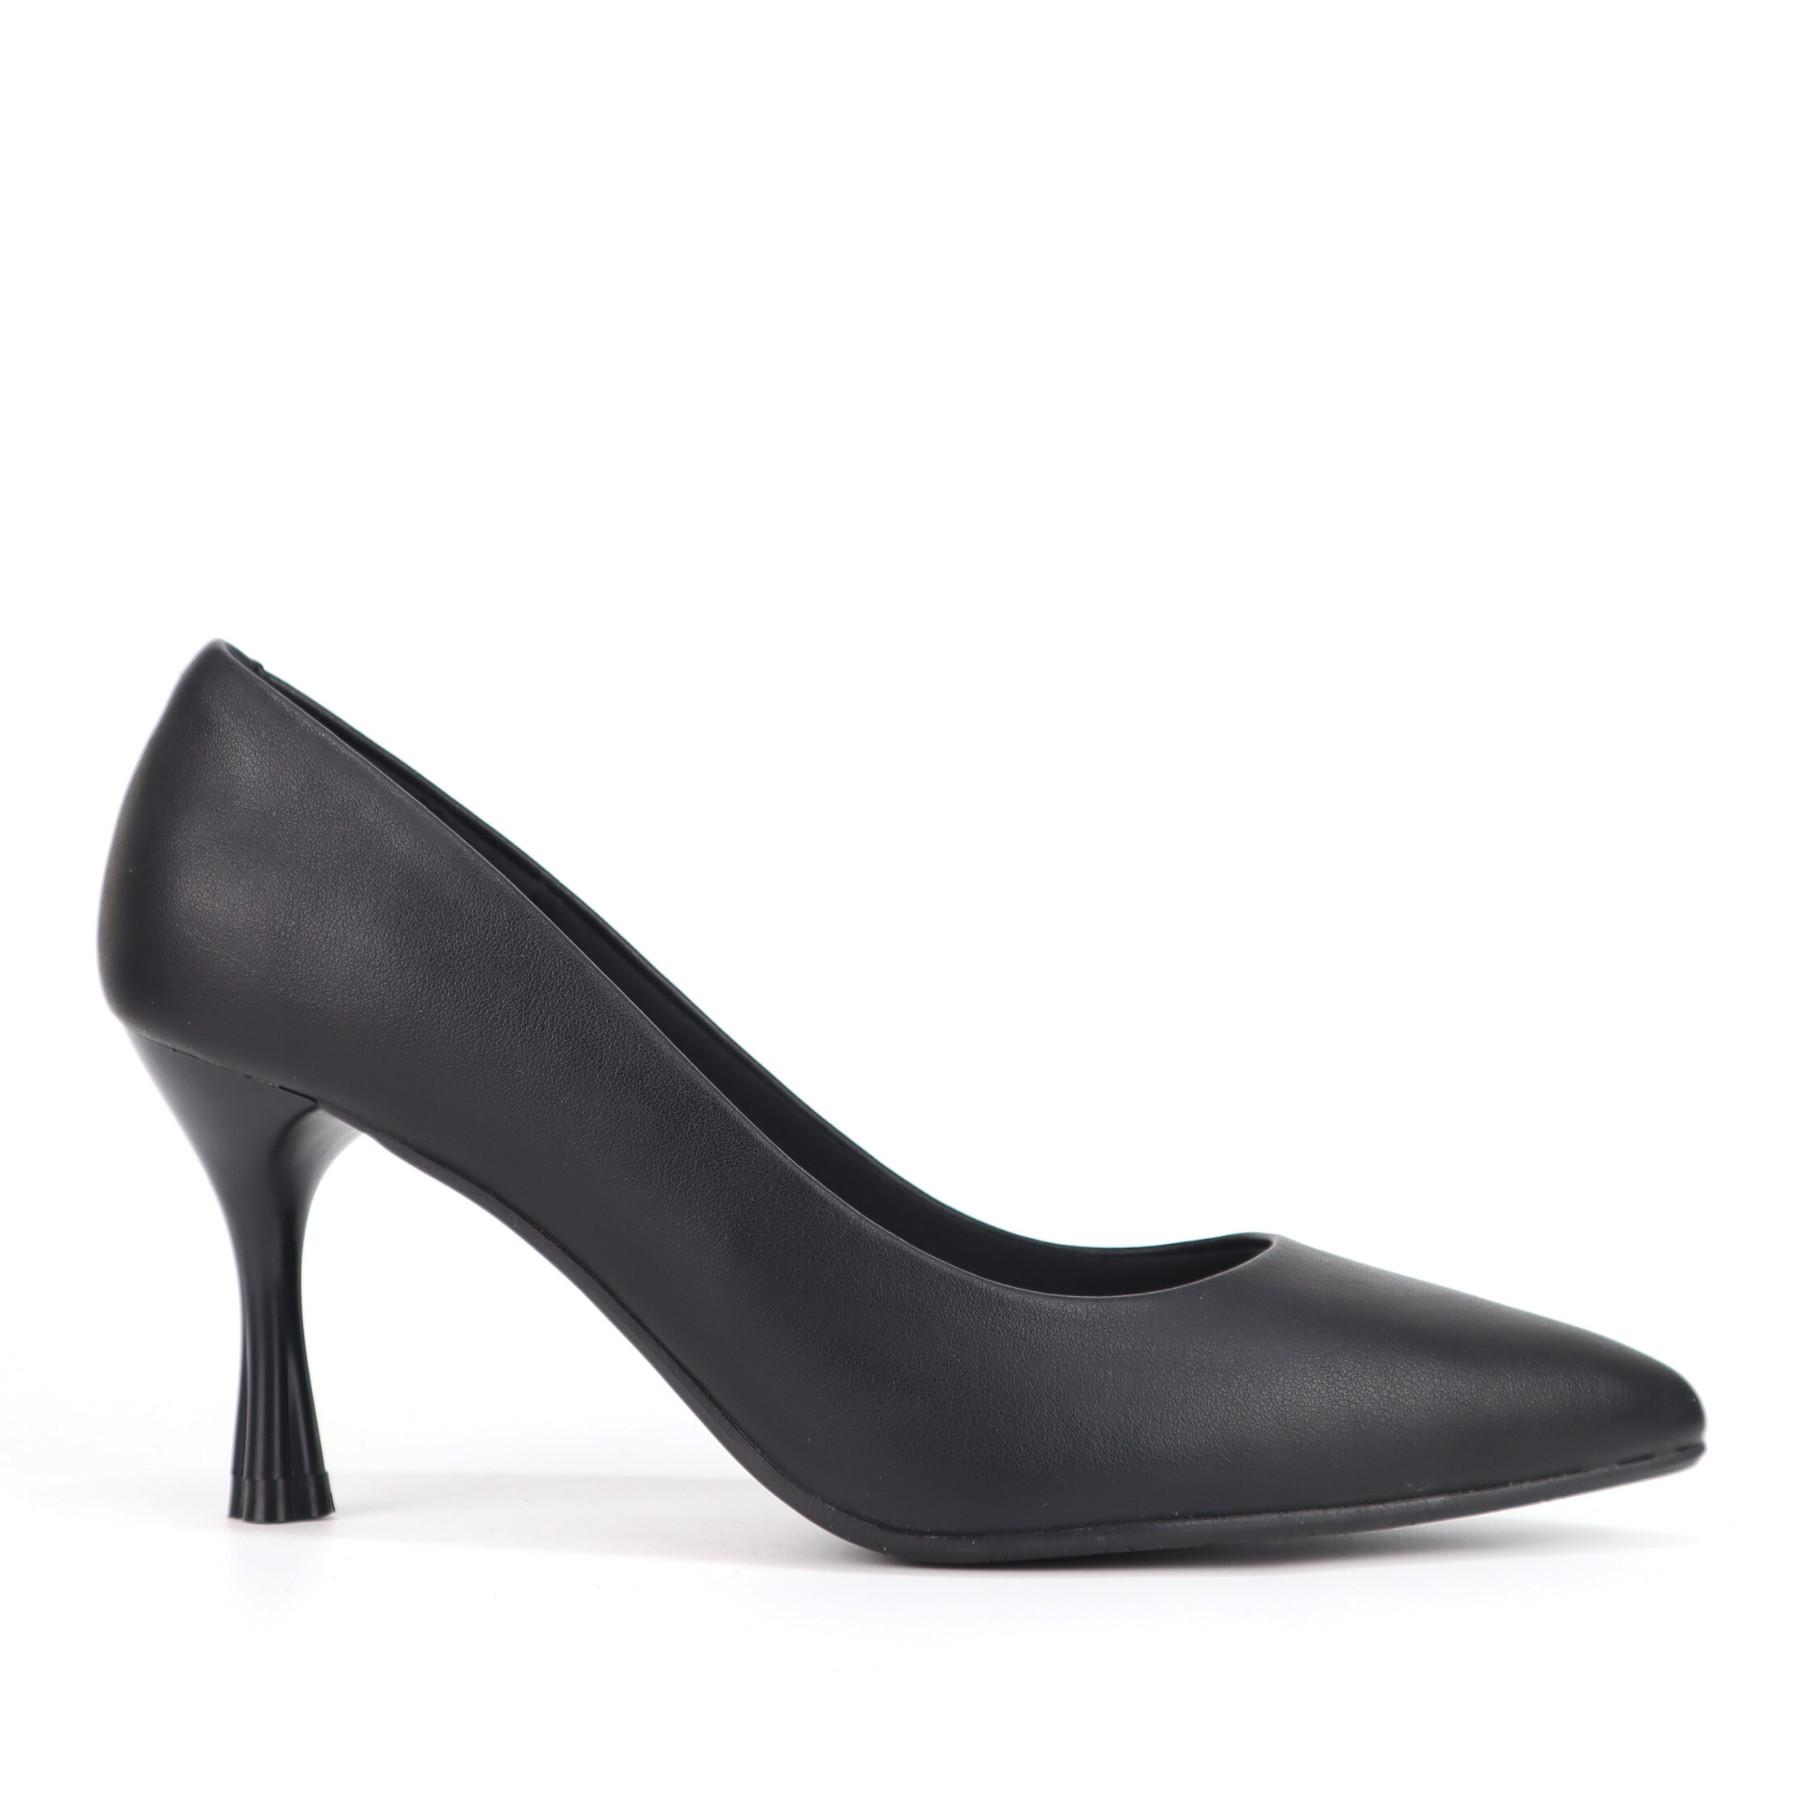 Giày cao gót basic 7cm mũi nhọn êm chân Cillie 1199